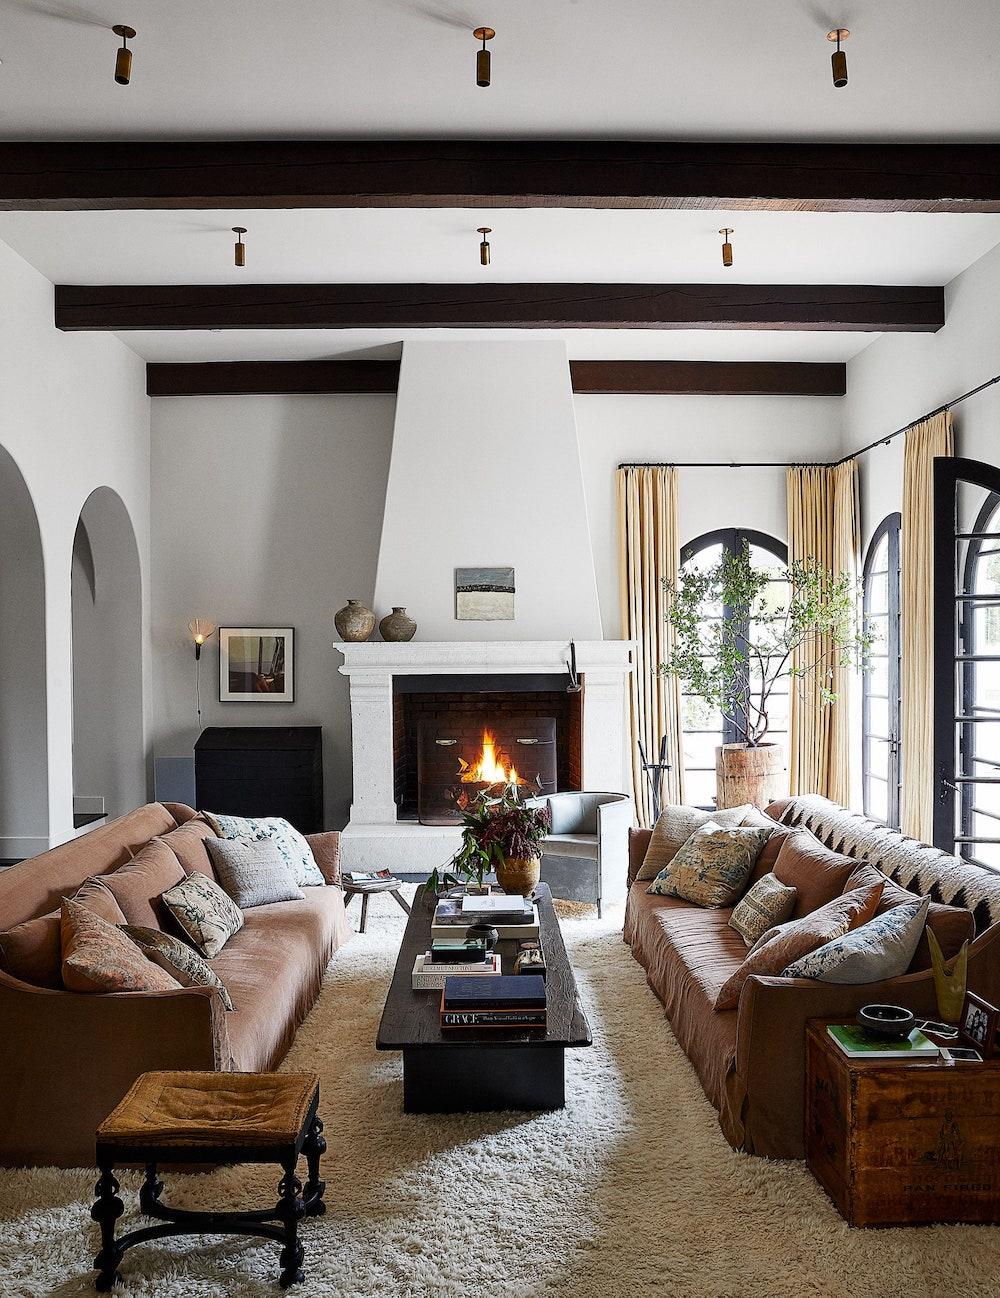 Дотроос нь харцгаая: Кендалл Женнерийн Лос-Анжелес дахь байшин (фото 10)